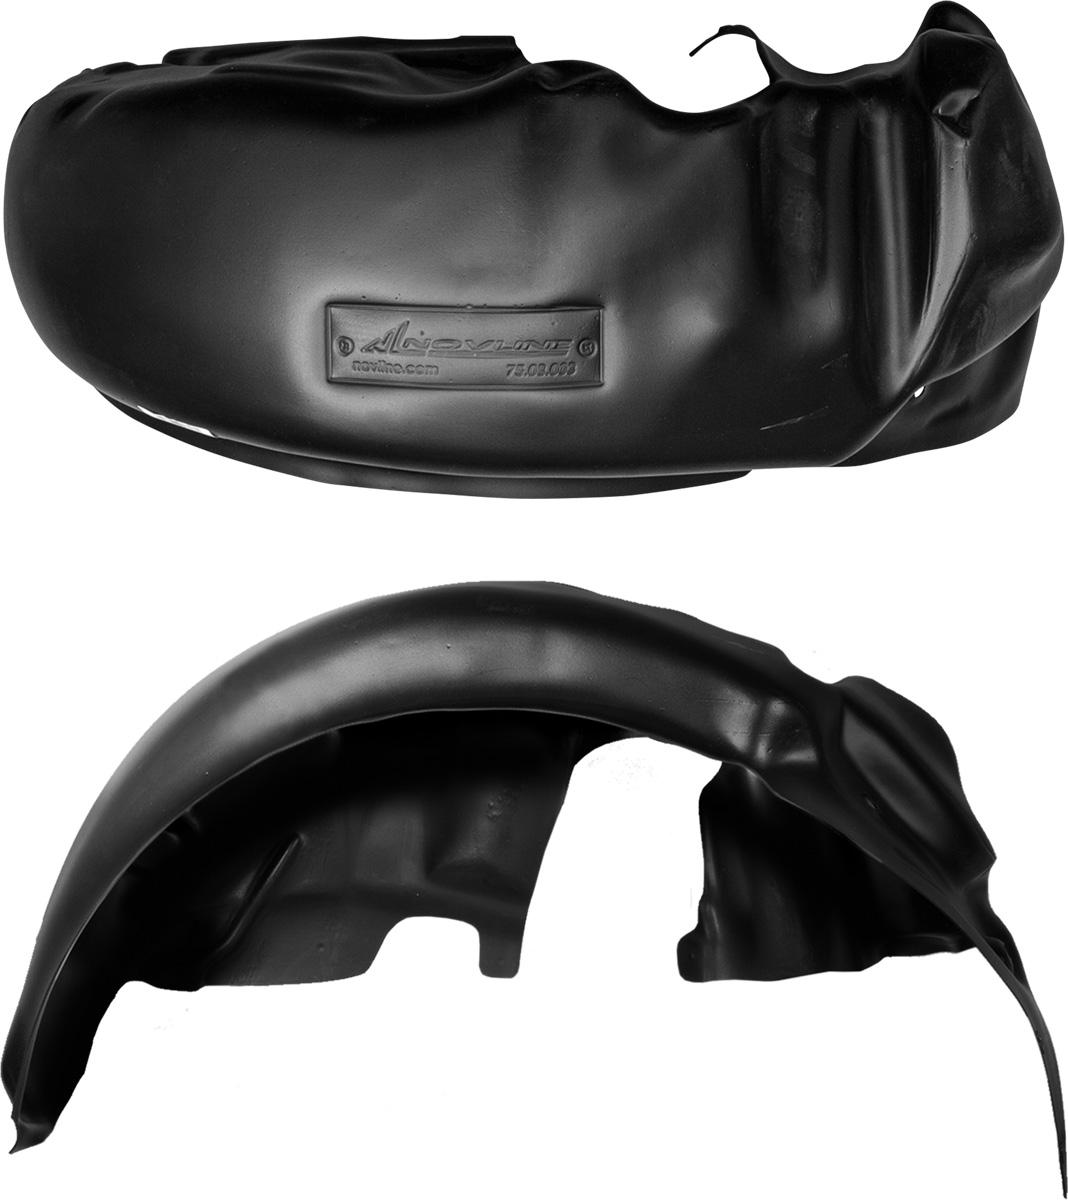 Подкрылок Novline-Autofamily, для Mitsubishi Lancer X, 03/2007->, седан, хэтчбек, передний левыйK100Колесные ниши - одни из самых уязвимых зон днища вашего автомобиля. Они постоянно подвергаются воздействию со стороны дороги. Лучшая, почти абсолютная защита для них - специально отформованные пластиковые кожухи, которые называются подкрылками. Производятся они как для отечественных моделей автомобилей, так и для иномарок. Подкрылки Novline-Autofamily выполнены из высококачественного, экологически чистого пластика. Обеспечивают надежную защиту кузова автомобиля от пескоструйного эффекта и негативного влияния, агрессивных антигололедных реагентов. Пластик обладает более низкой теплопроводностью, чем металл, поэтому в зимний период эксплуатации использование пластиковых подкрылков позволяет лучше защитить колесные ниши от налипания снега и образования наледи. Оригинальность конструкции подчеркивает элегантность автомобиля, бережно защищает нанесенное на днище кузова антикоррозийное покрытие и позволяет осуществить крепление подкрылков внутри колесной арки практически без дополнительного крепежа и сверления, не нарушая при этом лакокрасочного покрытия, что предотвращает возникновение новых очагов коррозии. Подкрылки долговечны, обладают высокой прочностью и сохраняют заданную форму, а также все свои физико-механические характеристики в самых тяжелых климатических условиях (от -50°С до +50°С).Уважаемые клиенты!Обращаем ваше внимание, на тот факт, что подкрылок имеет форму, соответствующую модели данного автомобиля. Фото служит для визуального восприятия товара.